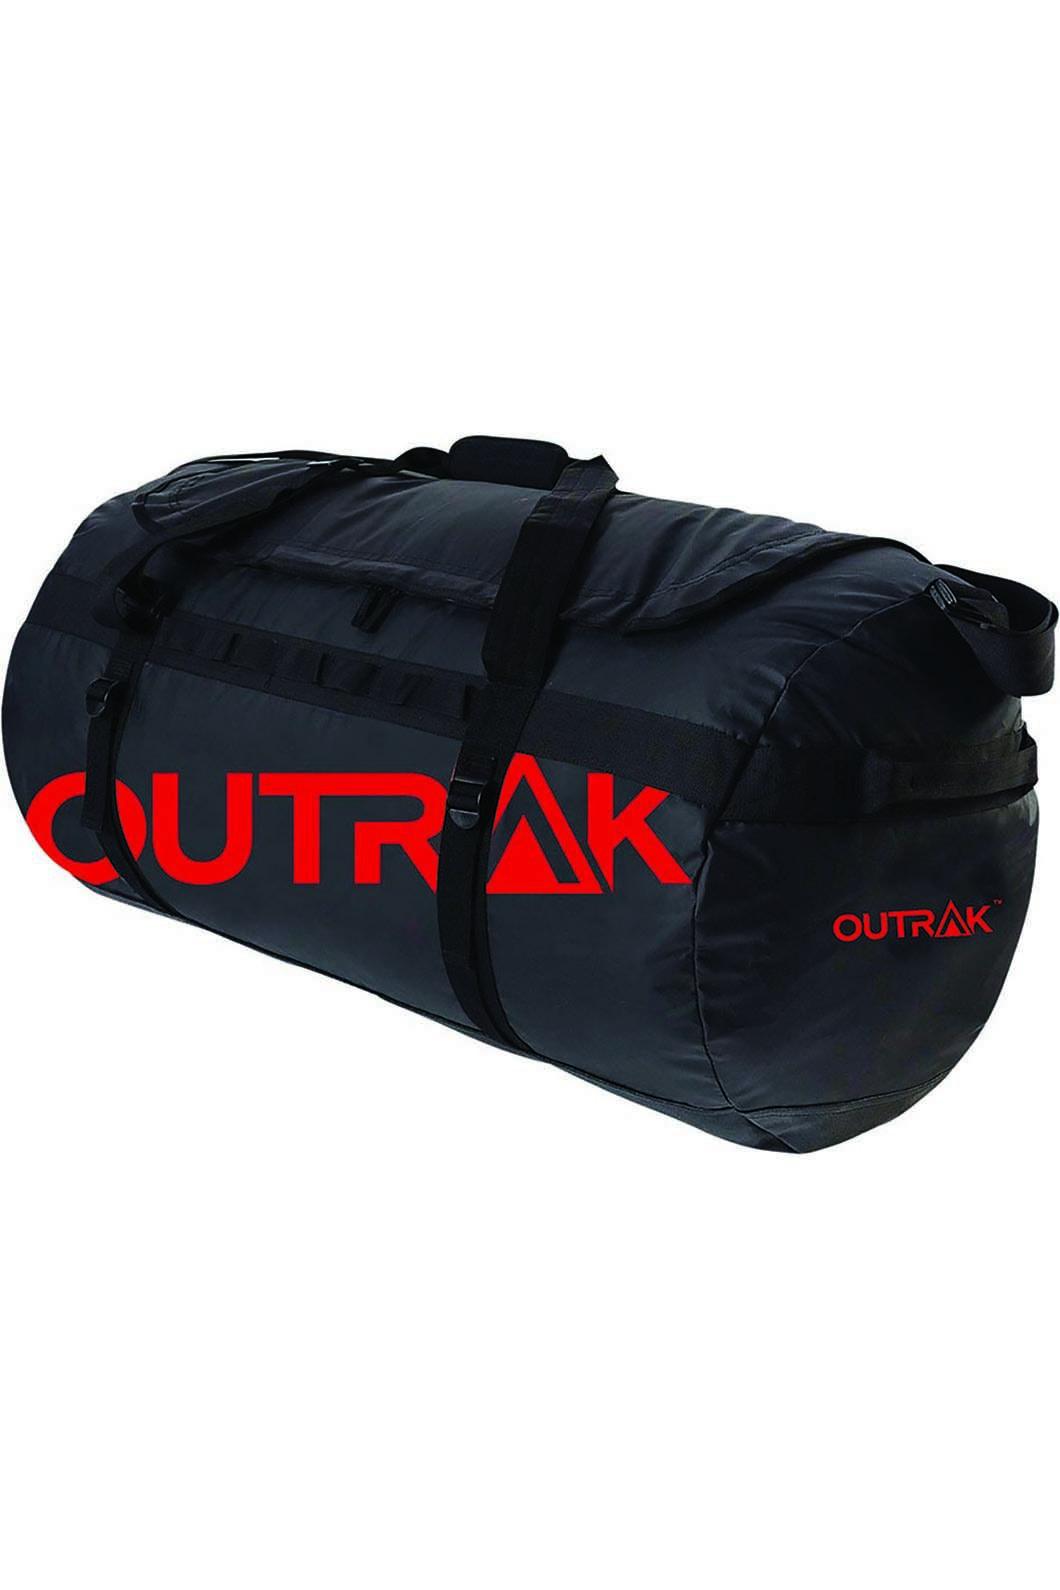 Outrak PVC Duffle Bag 130L, None, hi-res